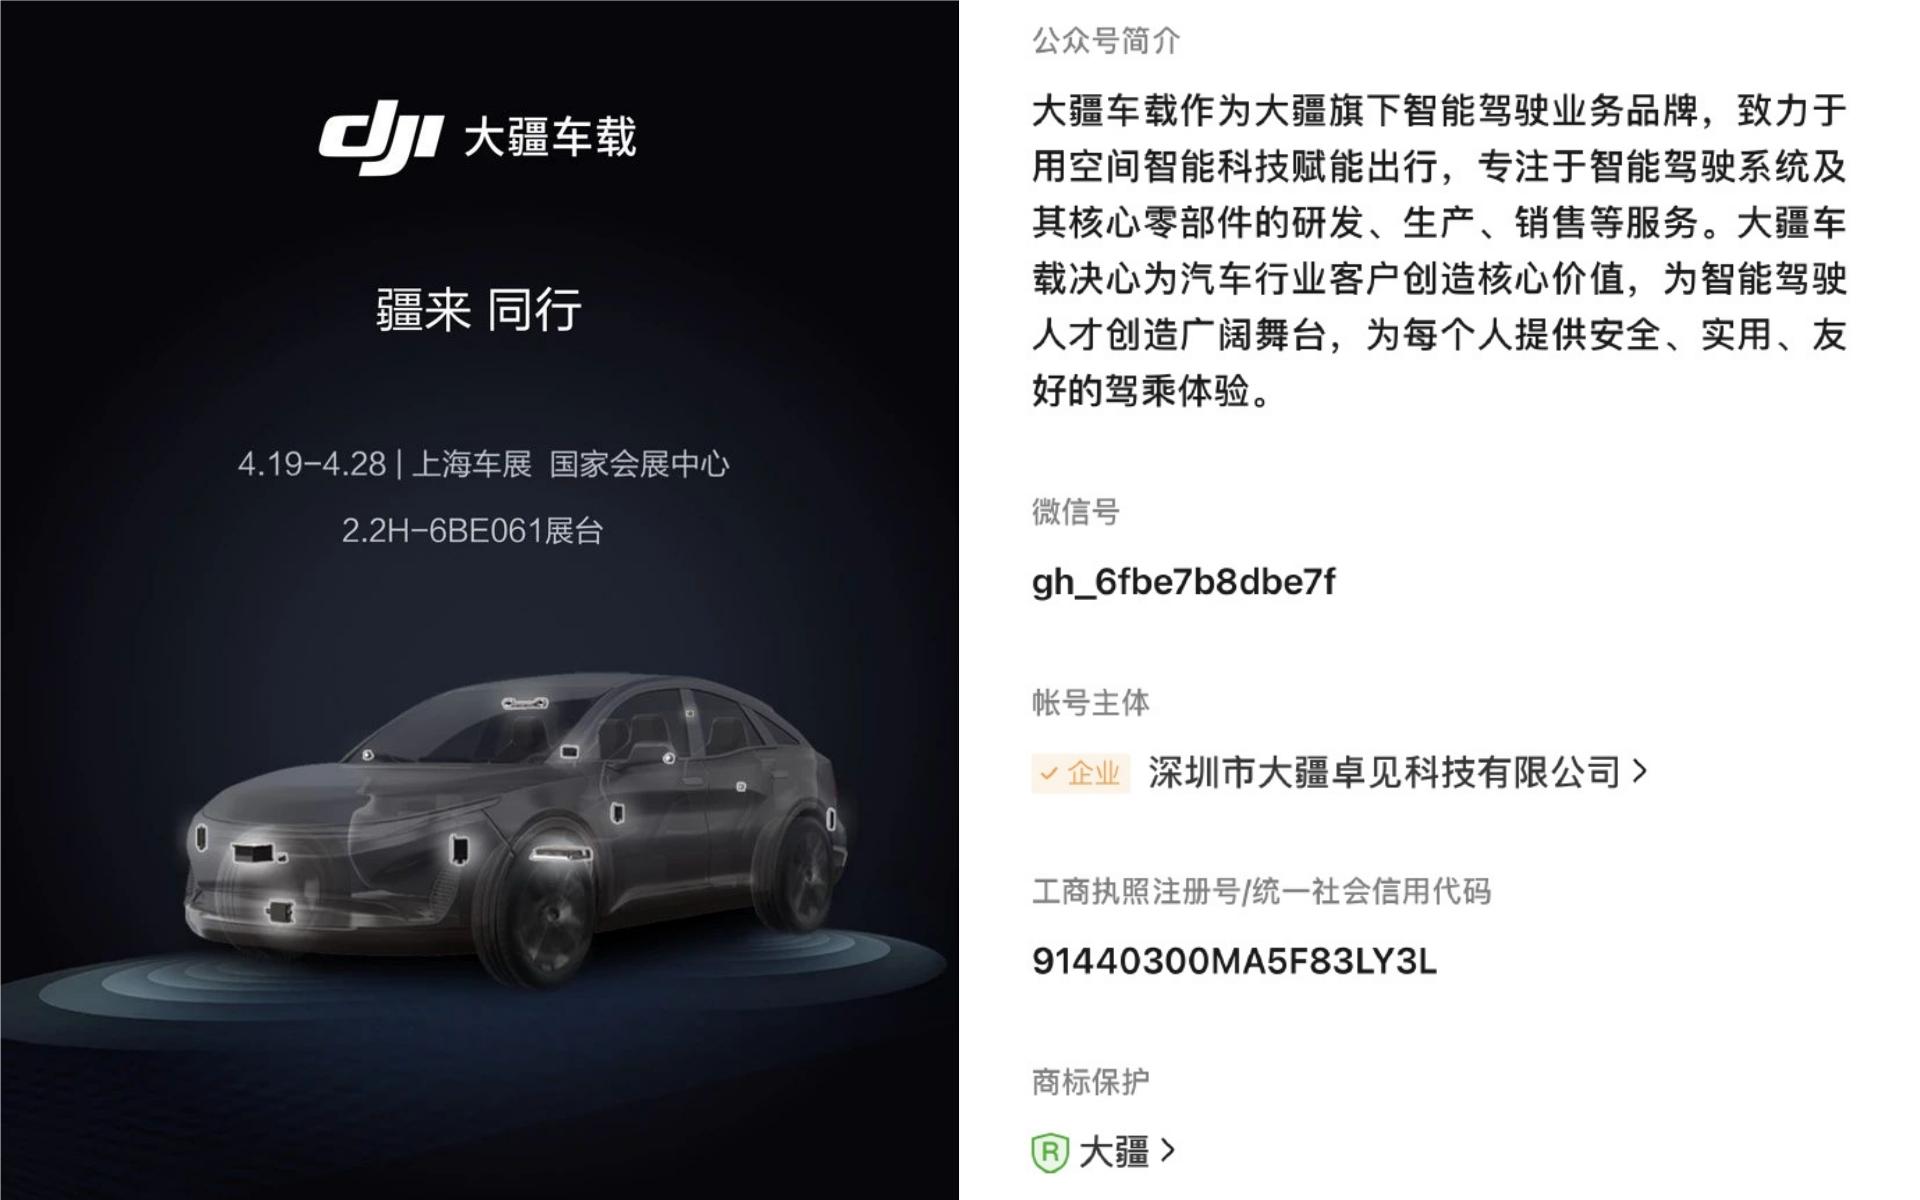 DJI 正式推智能駕駛業務品牌「大疆車載」 將亮相車展發佈產品